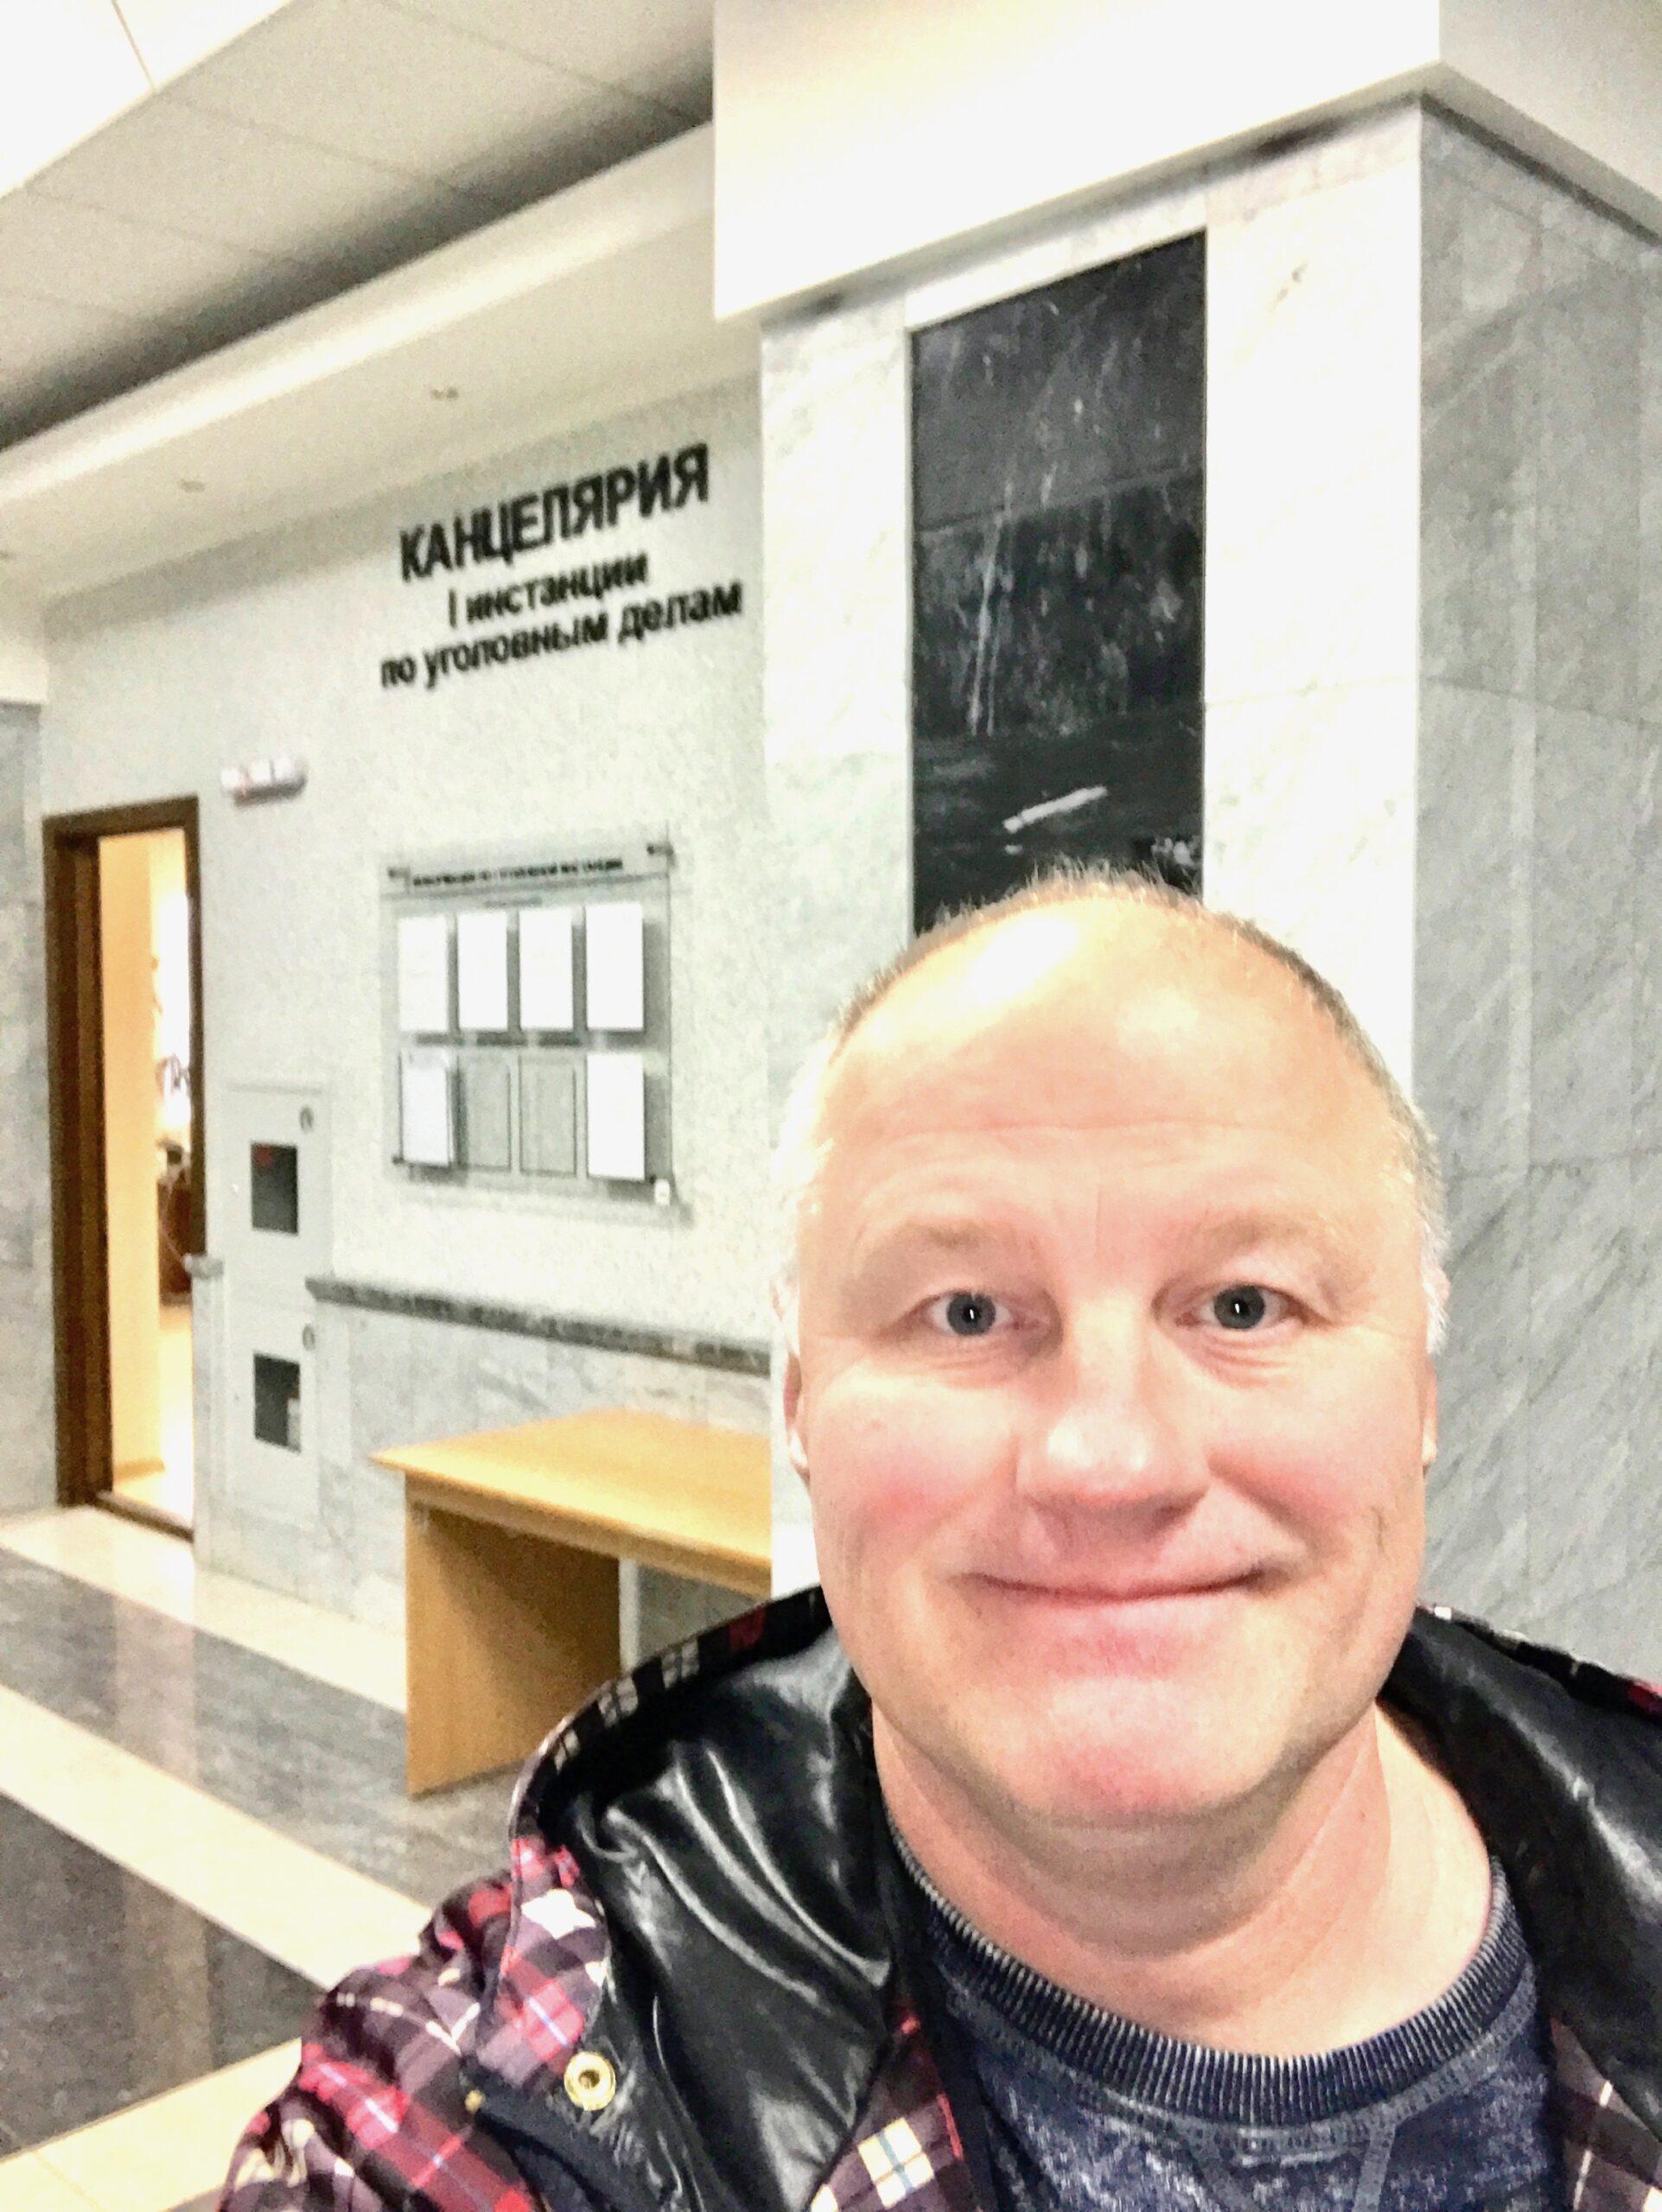 Адвокат работает в Свердловском областном суде. Апелляция, на приговор по мошенничеству ст. 159 УК РФ.